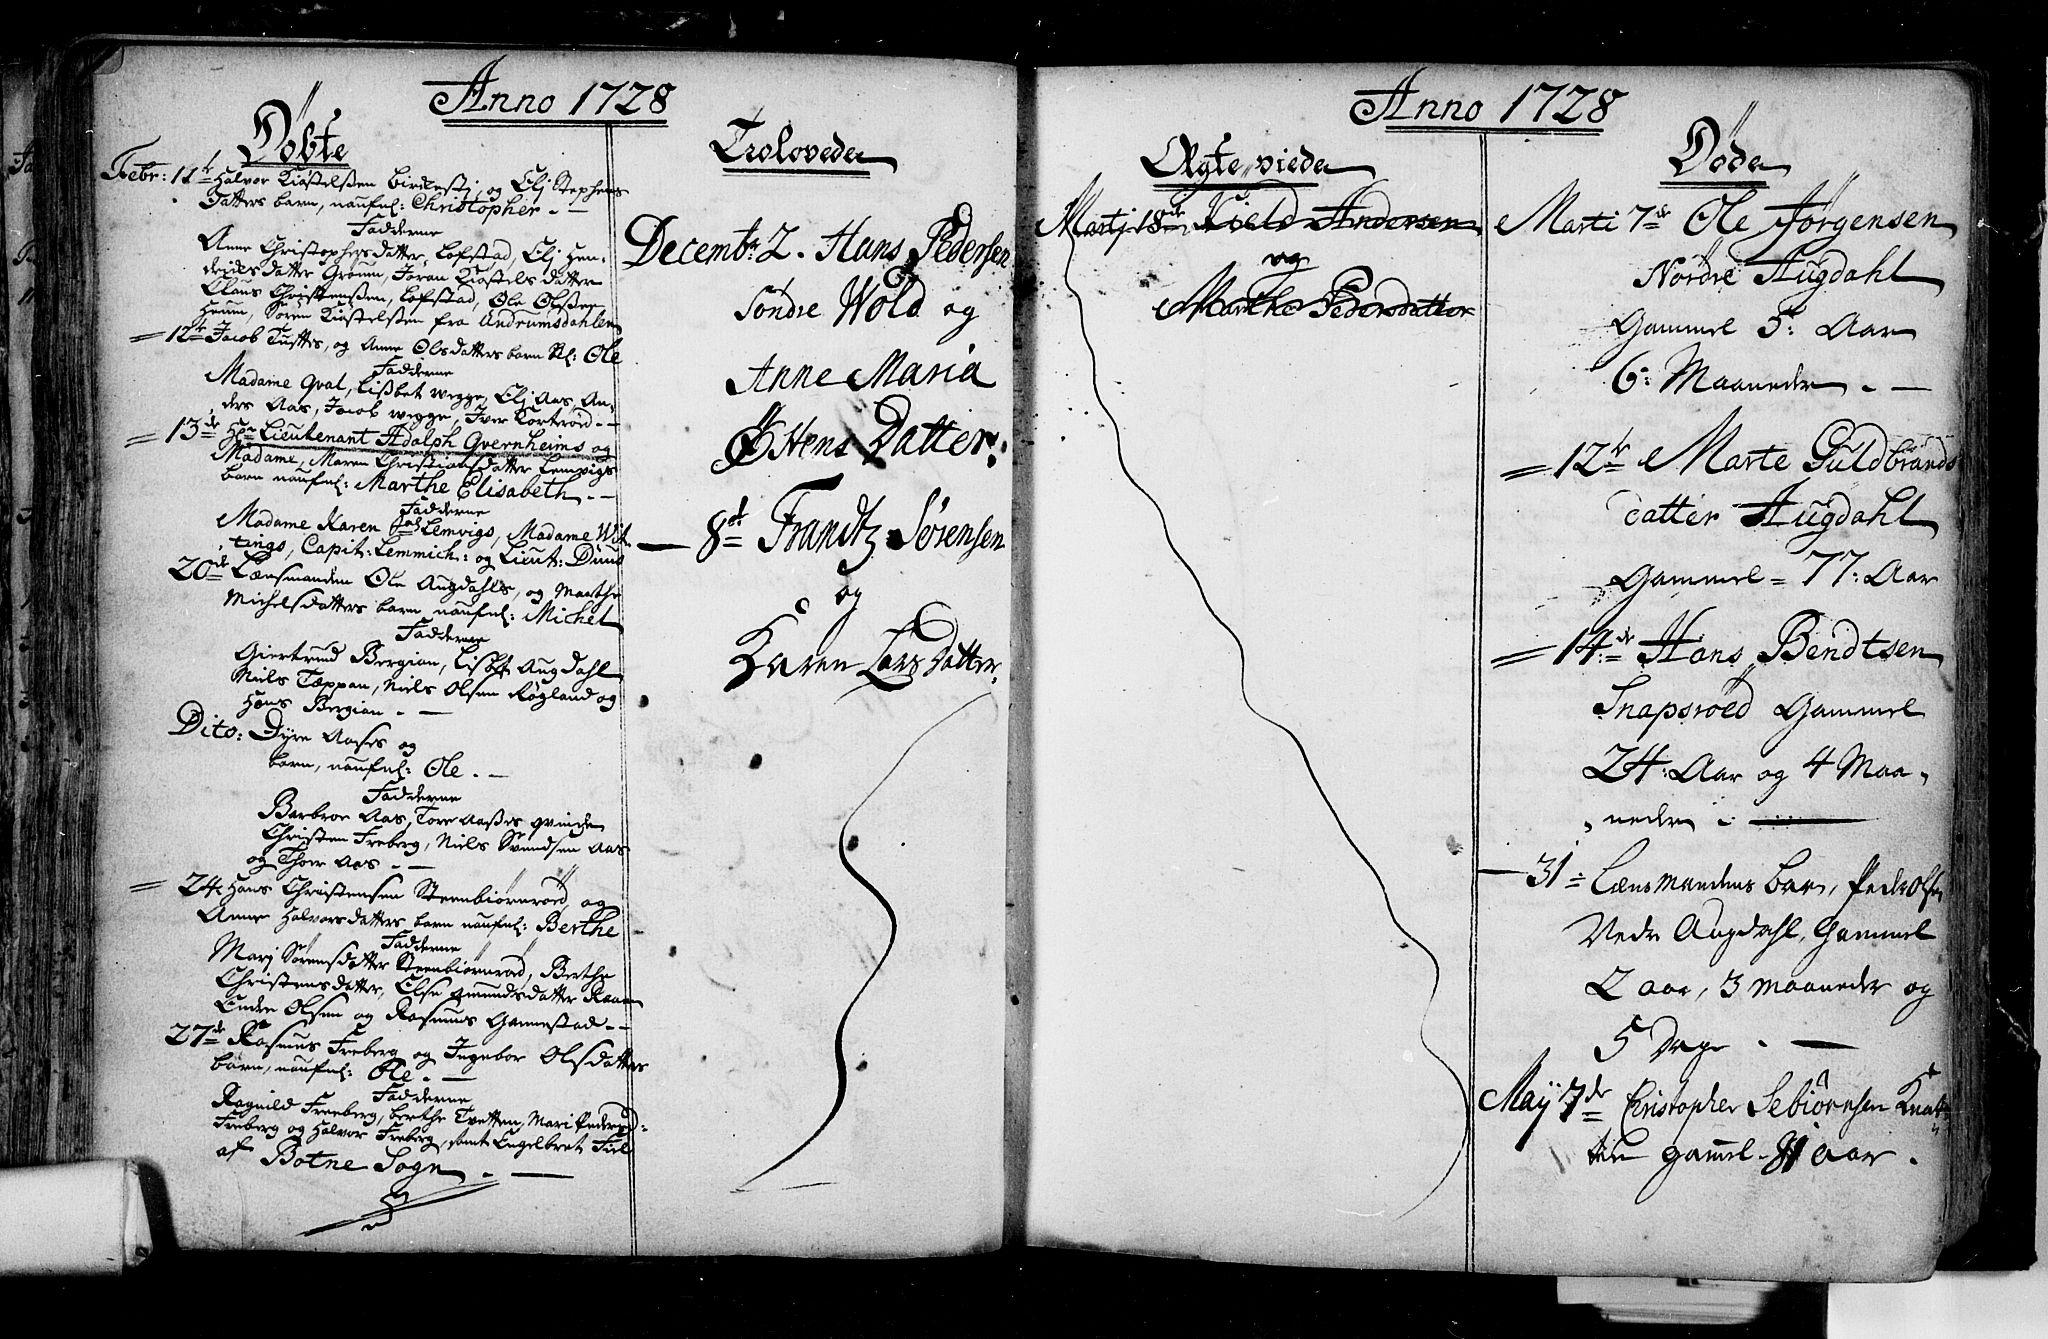 SAKO, Borre kirkebøker, F/Fa/L0001: Ministerialbok nr. I 1, 1710-1750, s. 32